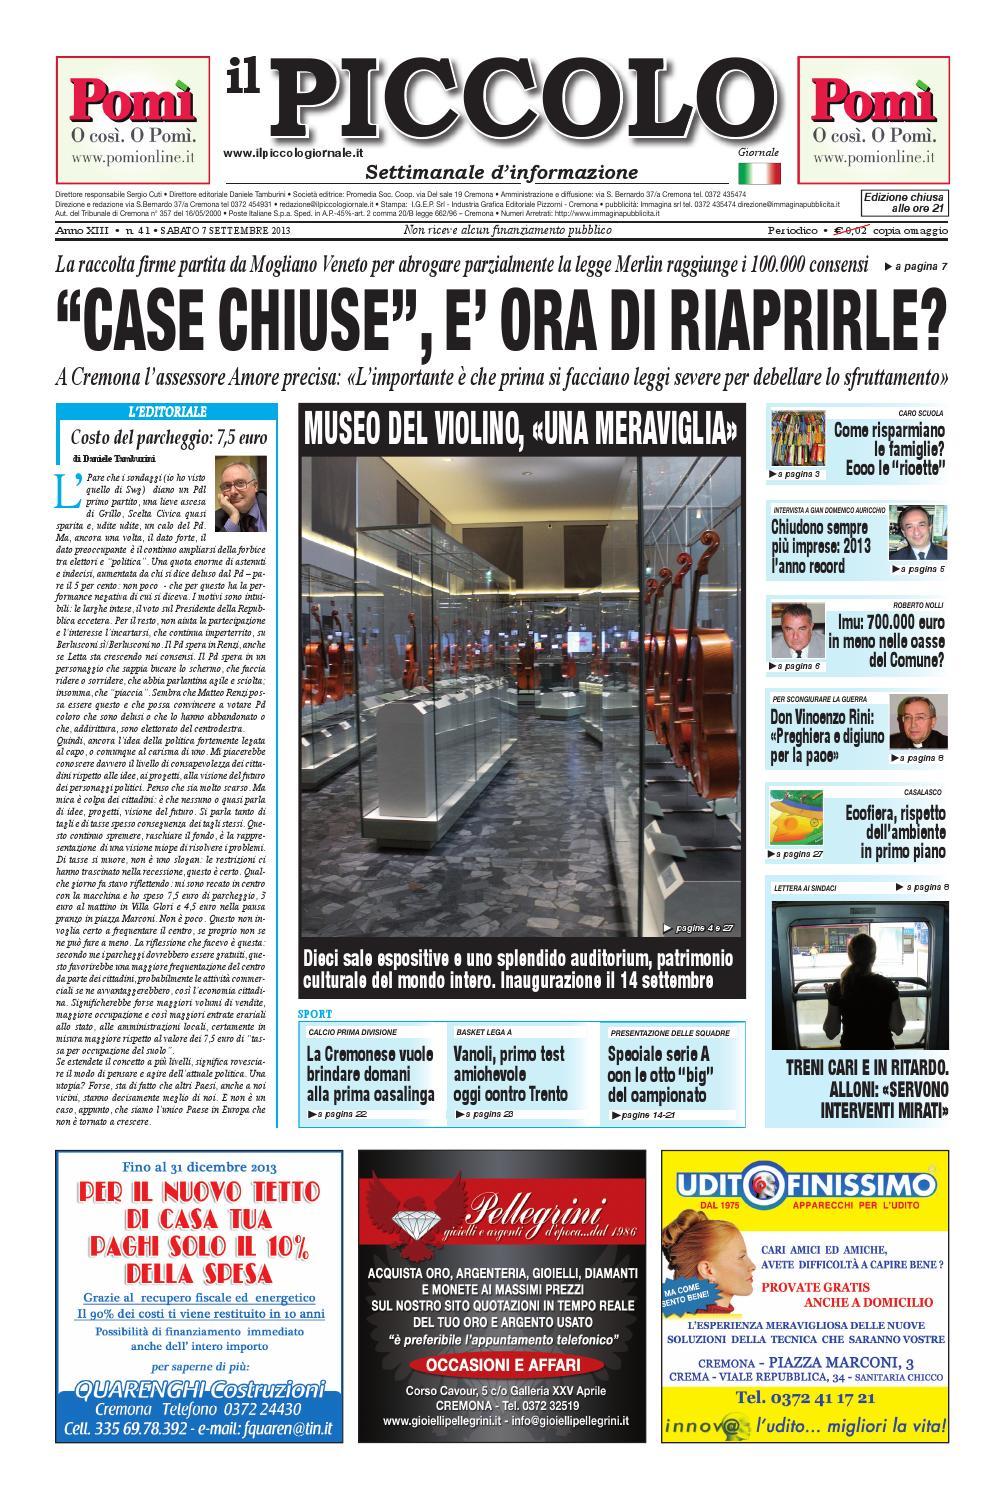 ec607fe603 Il Piccolo Giornale di Cremona del 7 settembre 2013 by promedia promedia -  issuu